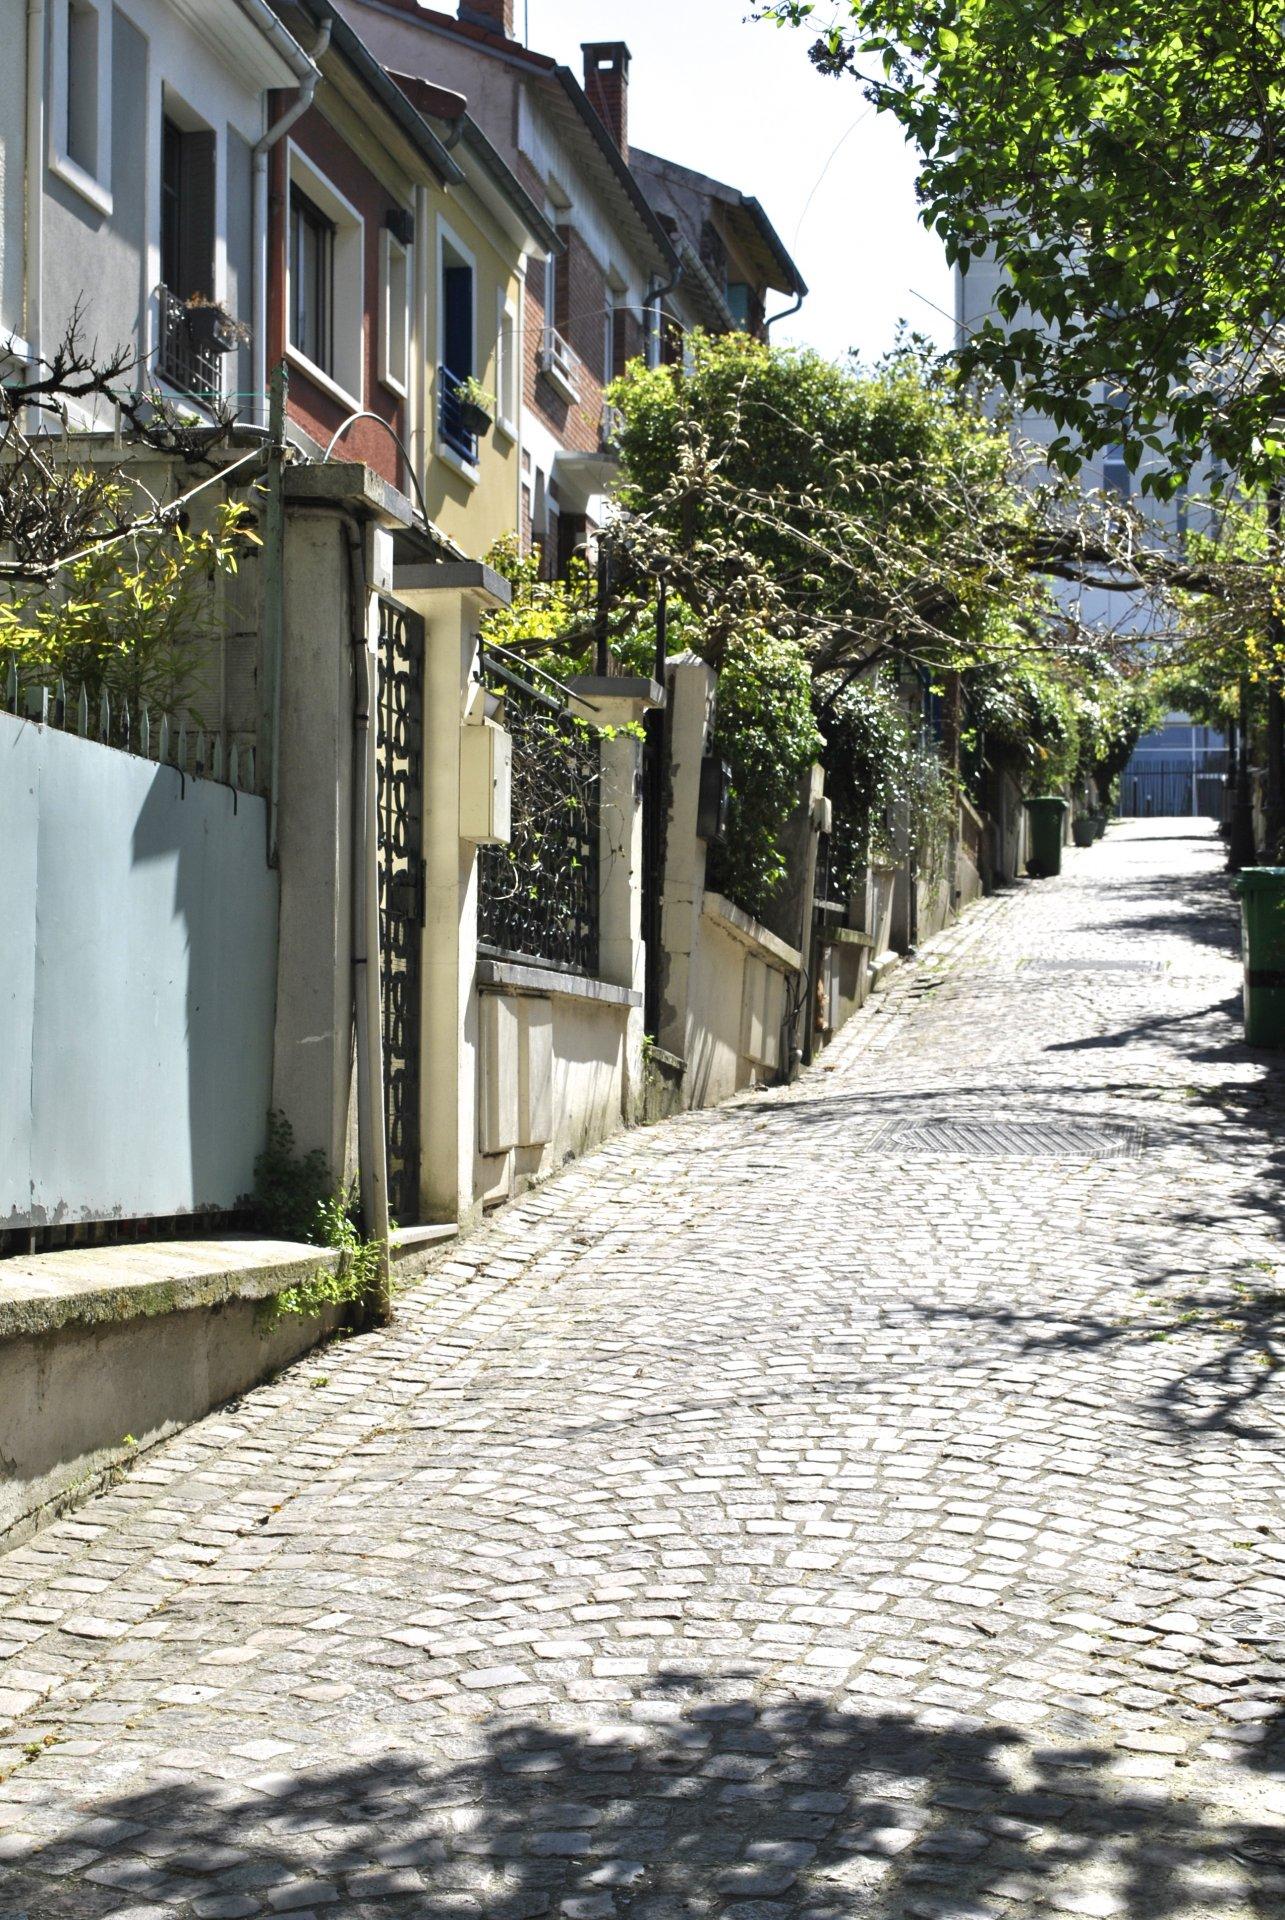 Vente Maison de ville - Paris 19ème Amérique